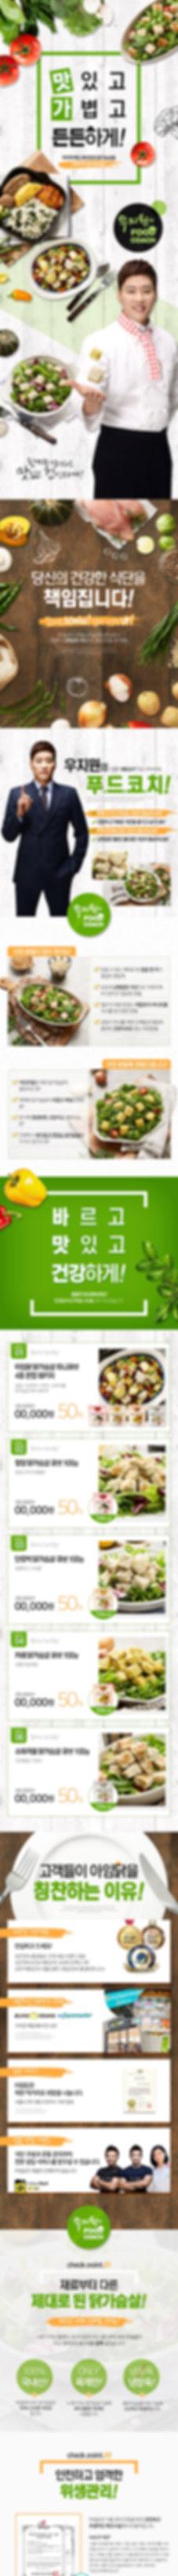 한국축산_01.jpg